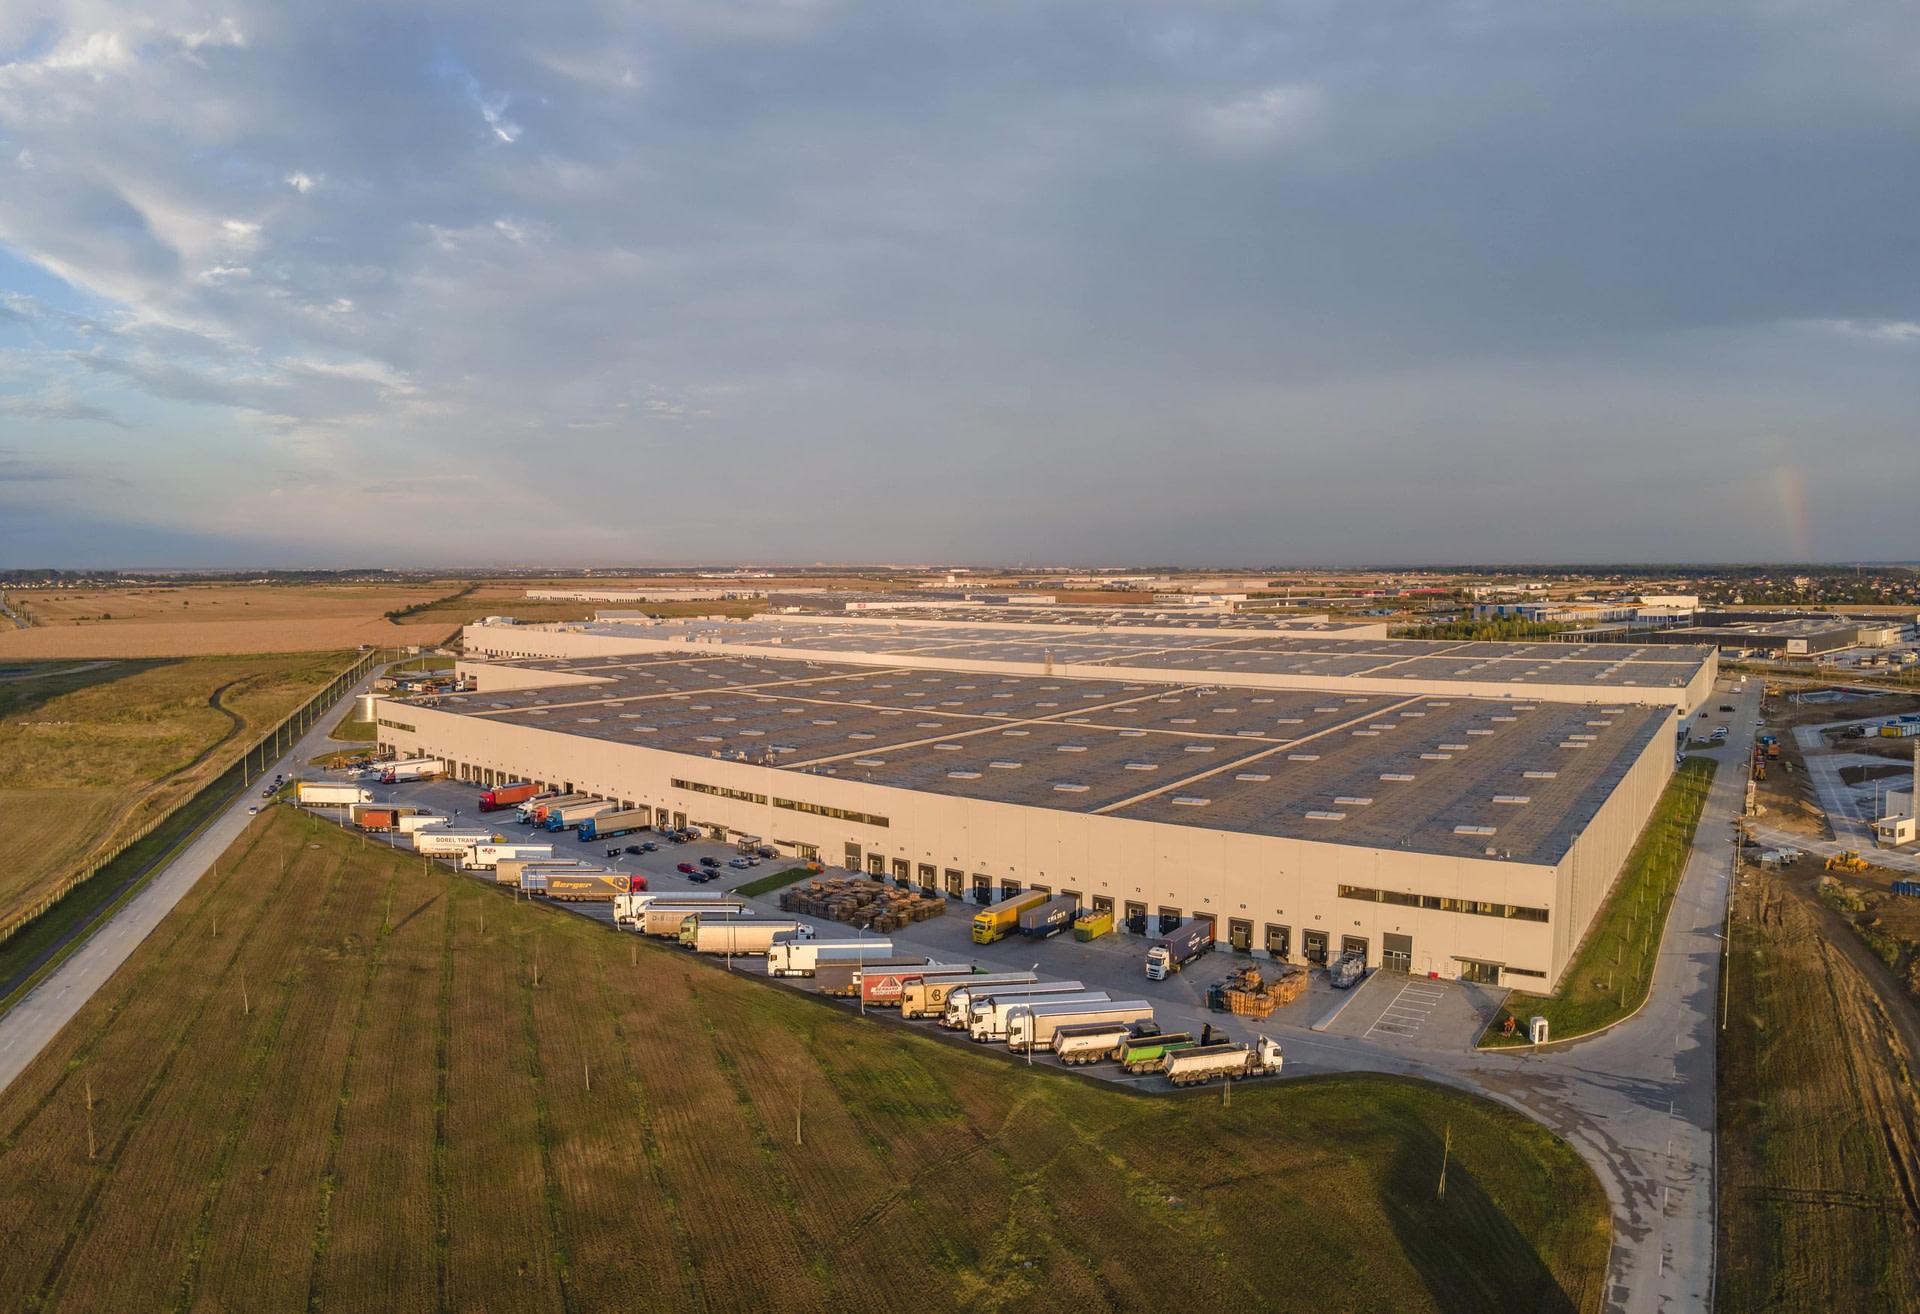 Dezvoltatorul de spatii logistice CTP va finaliza in acest an constructia noului centru de distributie al IKEA pentru Europa de Sud-Est, langa Bucuresti